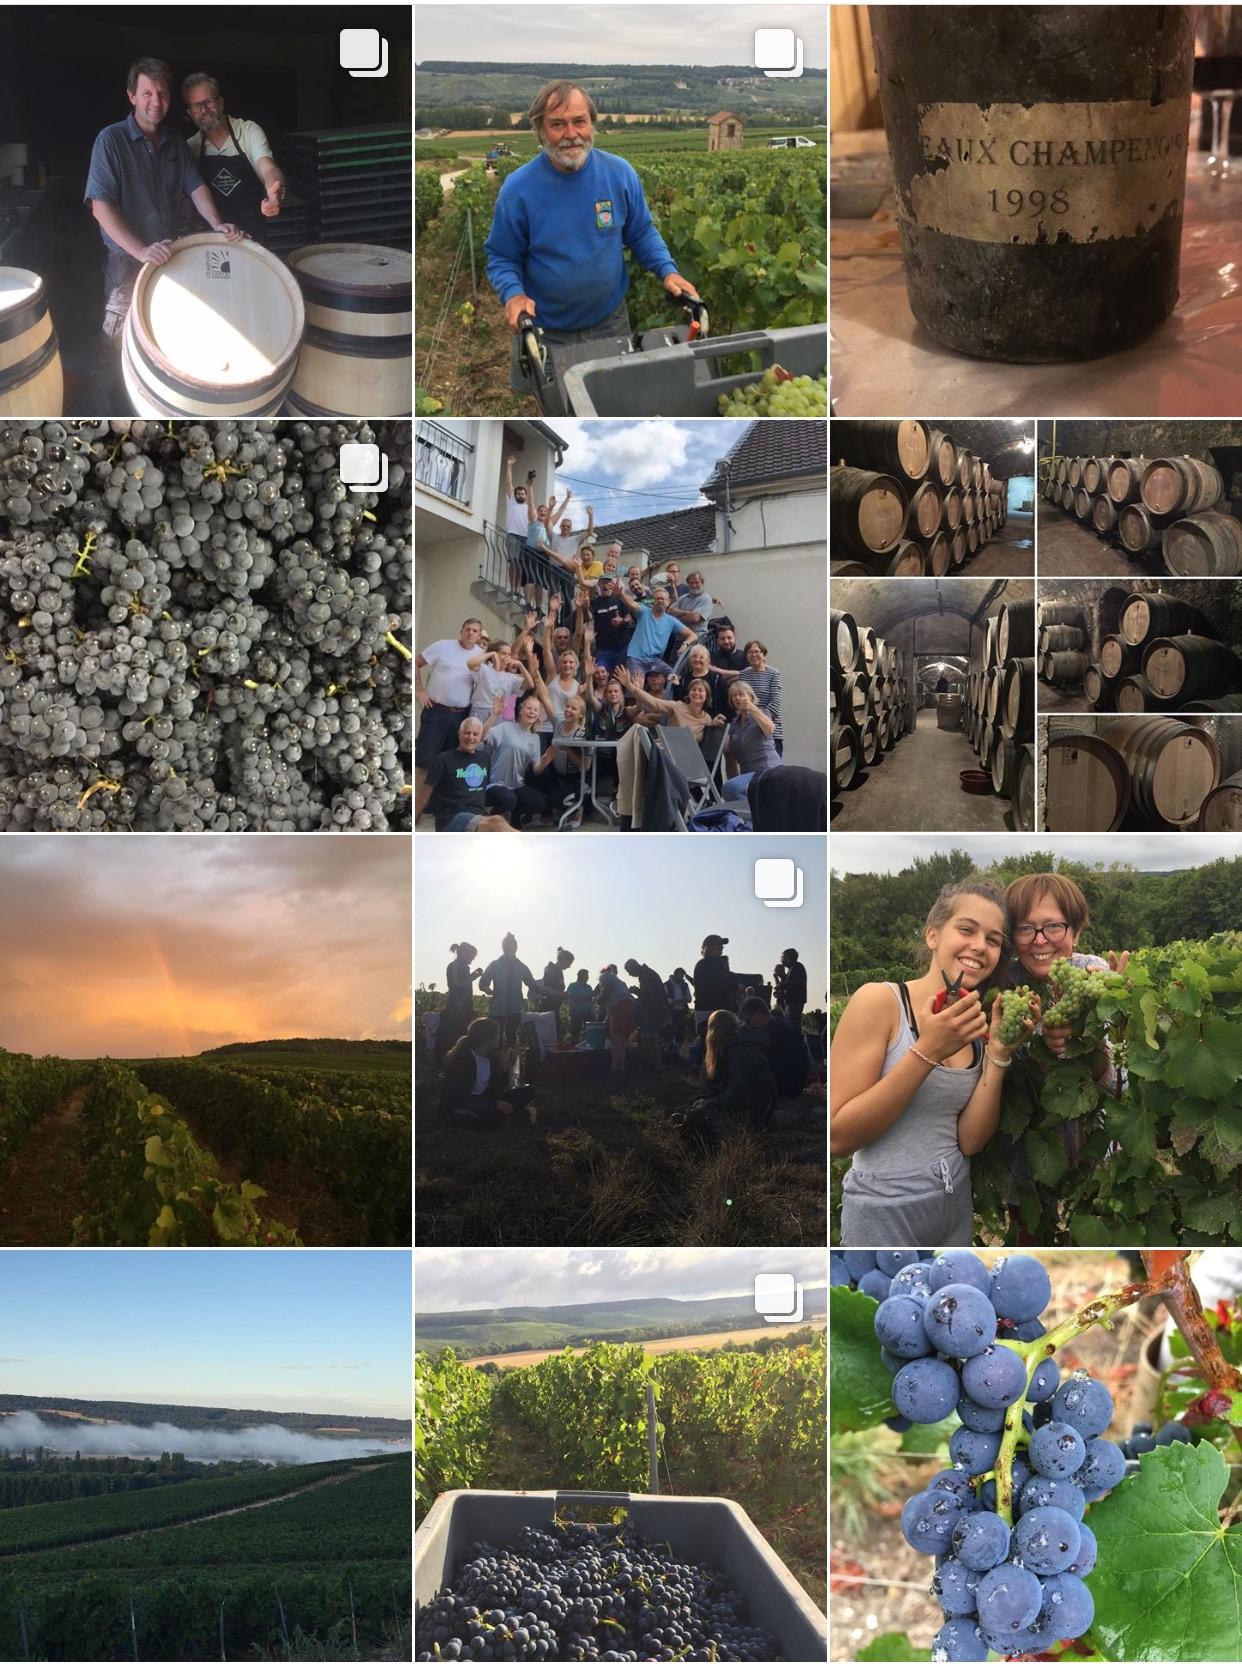 Vendanges 2018, images Instagram, réseaux sociaux